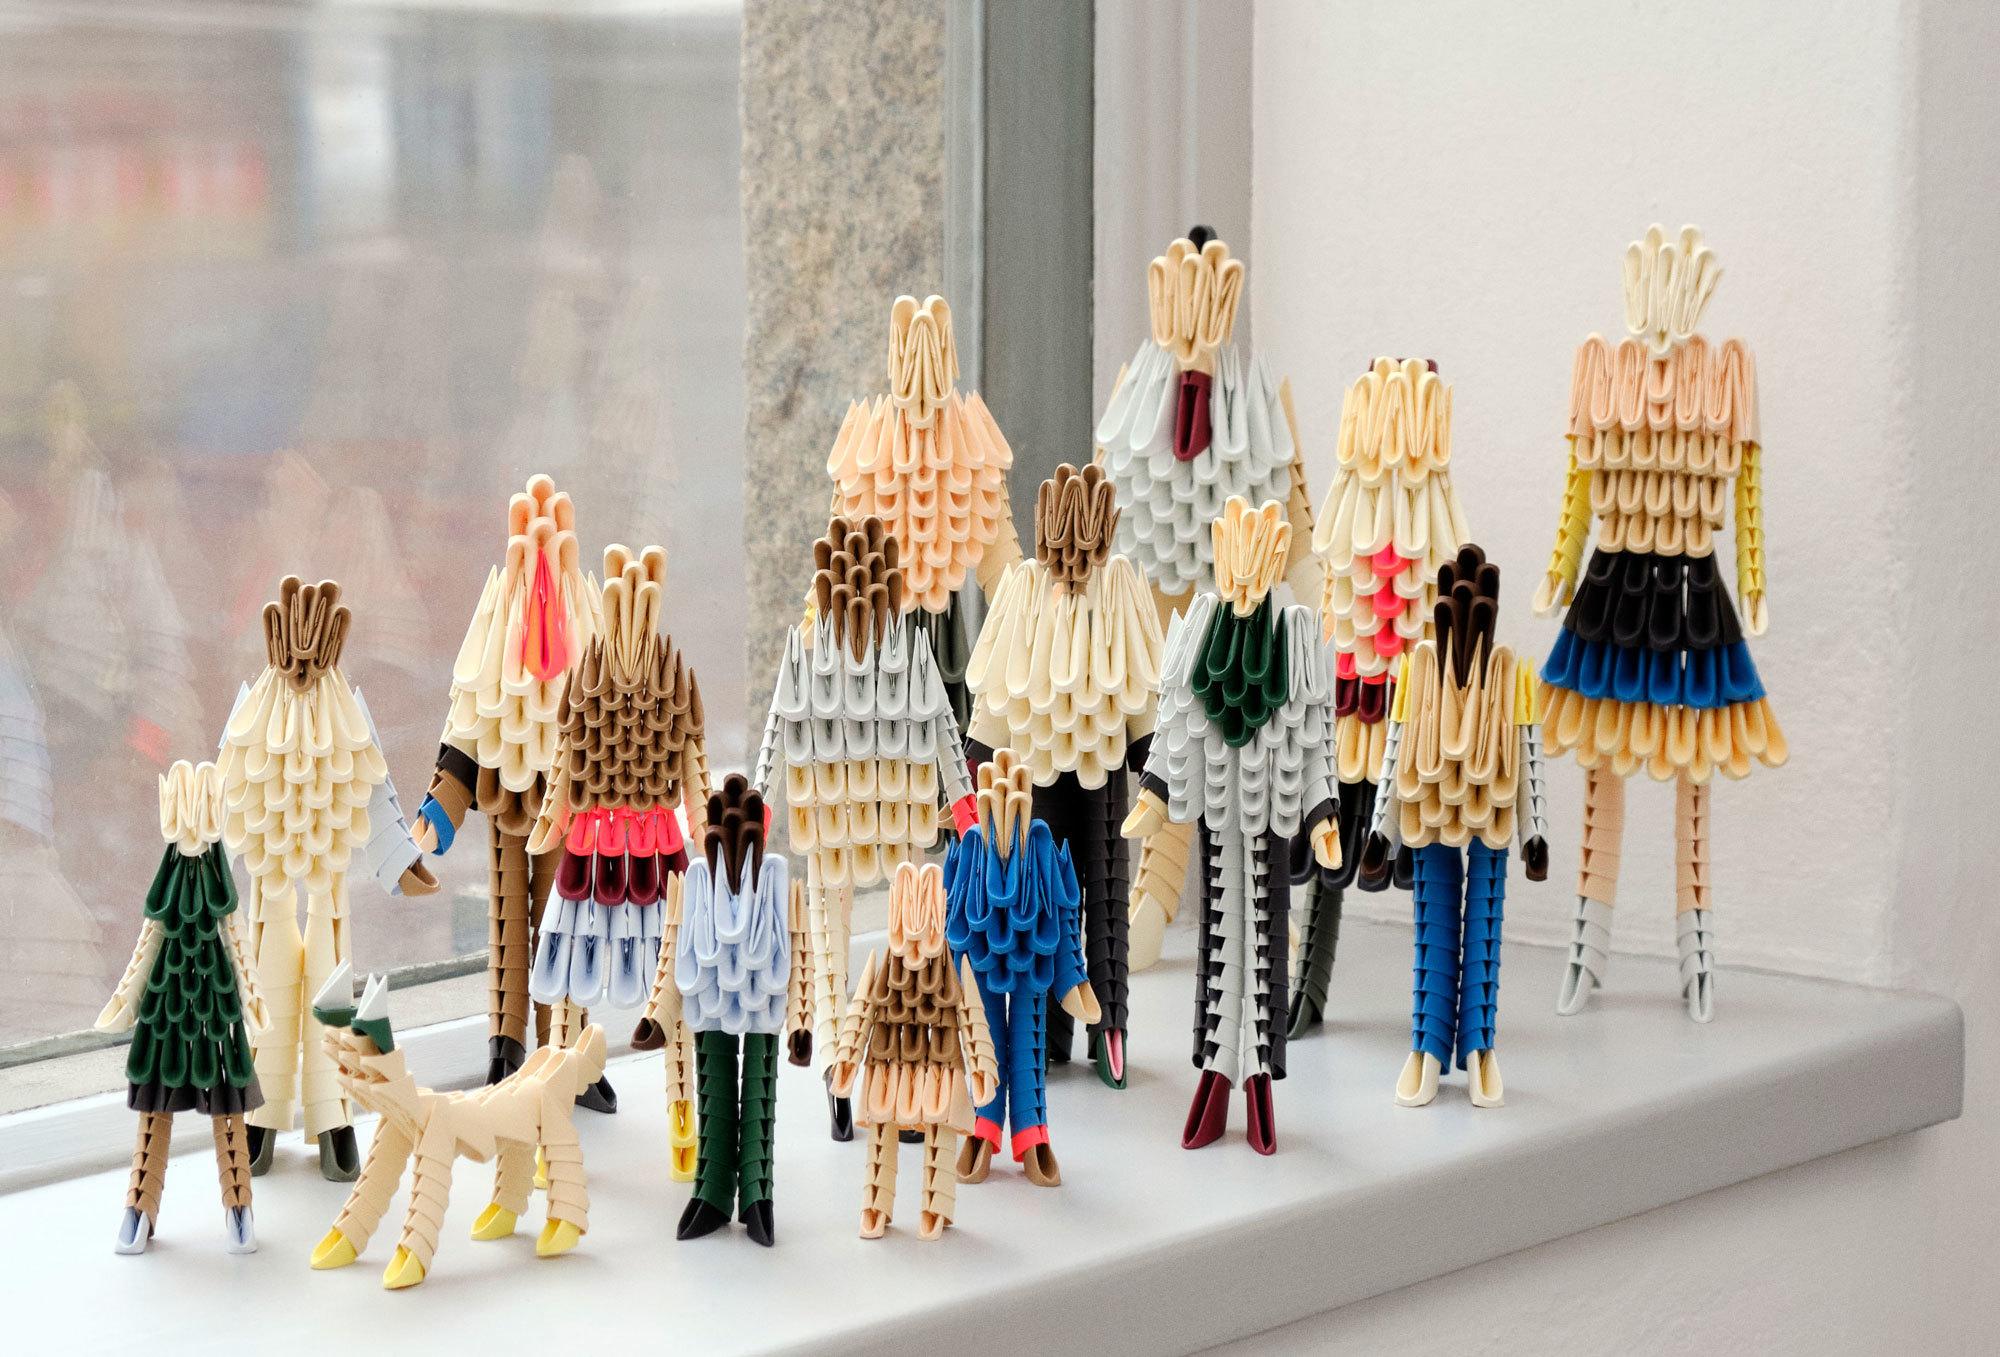 Bei den 3 Days of Design in Kopenhagen trifft große Möbelgeschichte auf junge, frische Vibes. Im Bild: The Origami Family von Clara von Zweigbergk, eine limitierte, von der schwedischen Designerin handgefertigte Edition, die während des Events im Hay House verkauft wurde und neben unseren sieben Highlights ein reizvolles Souvenir darstellten.